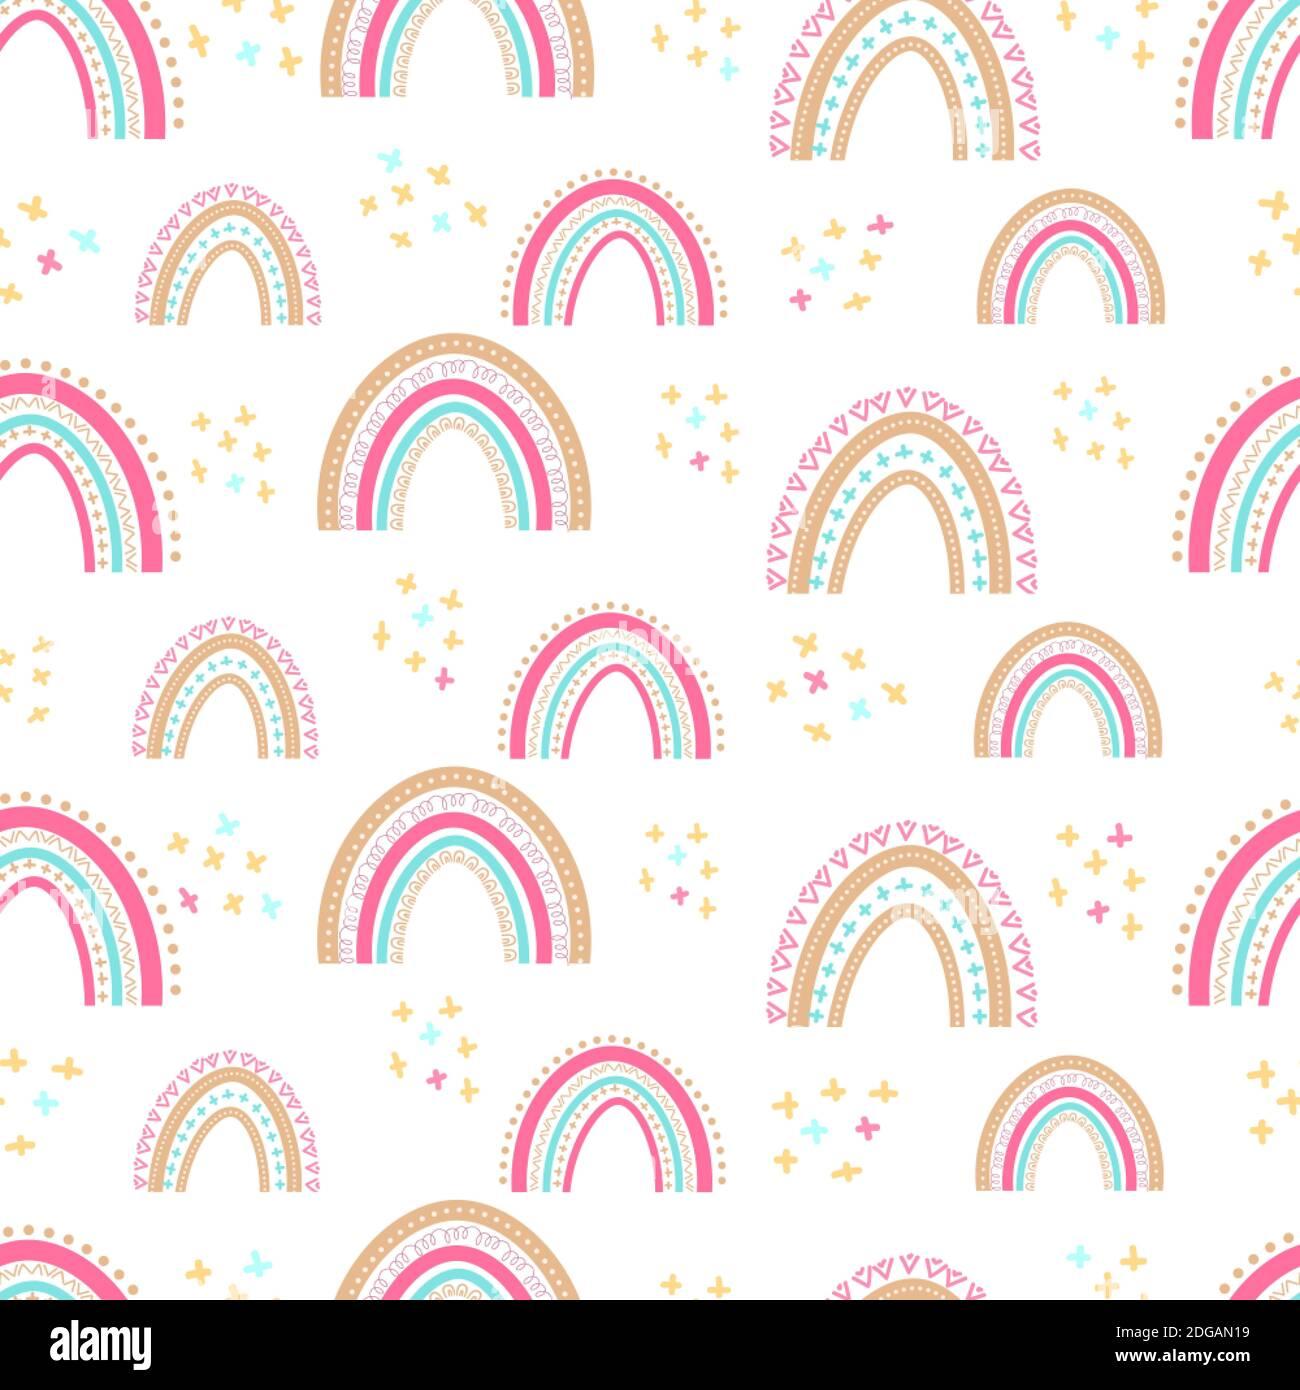 Nahtloses Baby-Muster mit handgezeichneten Regenbögen. Einfache Illustration auf einem isolierten Hintergrund. Kann für Verpackungen verwendet werden. Textilien, Schreibwaren und Klo Stock Vektor